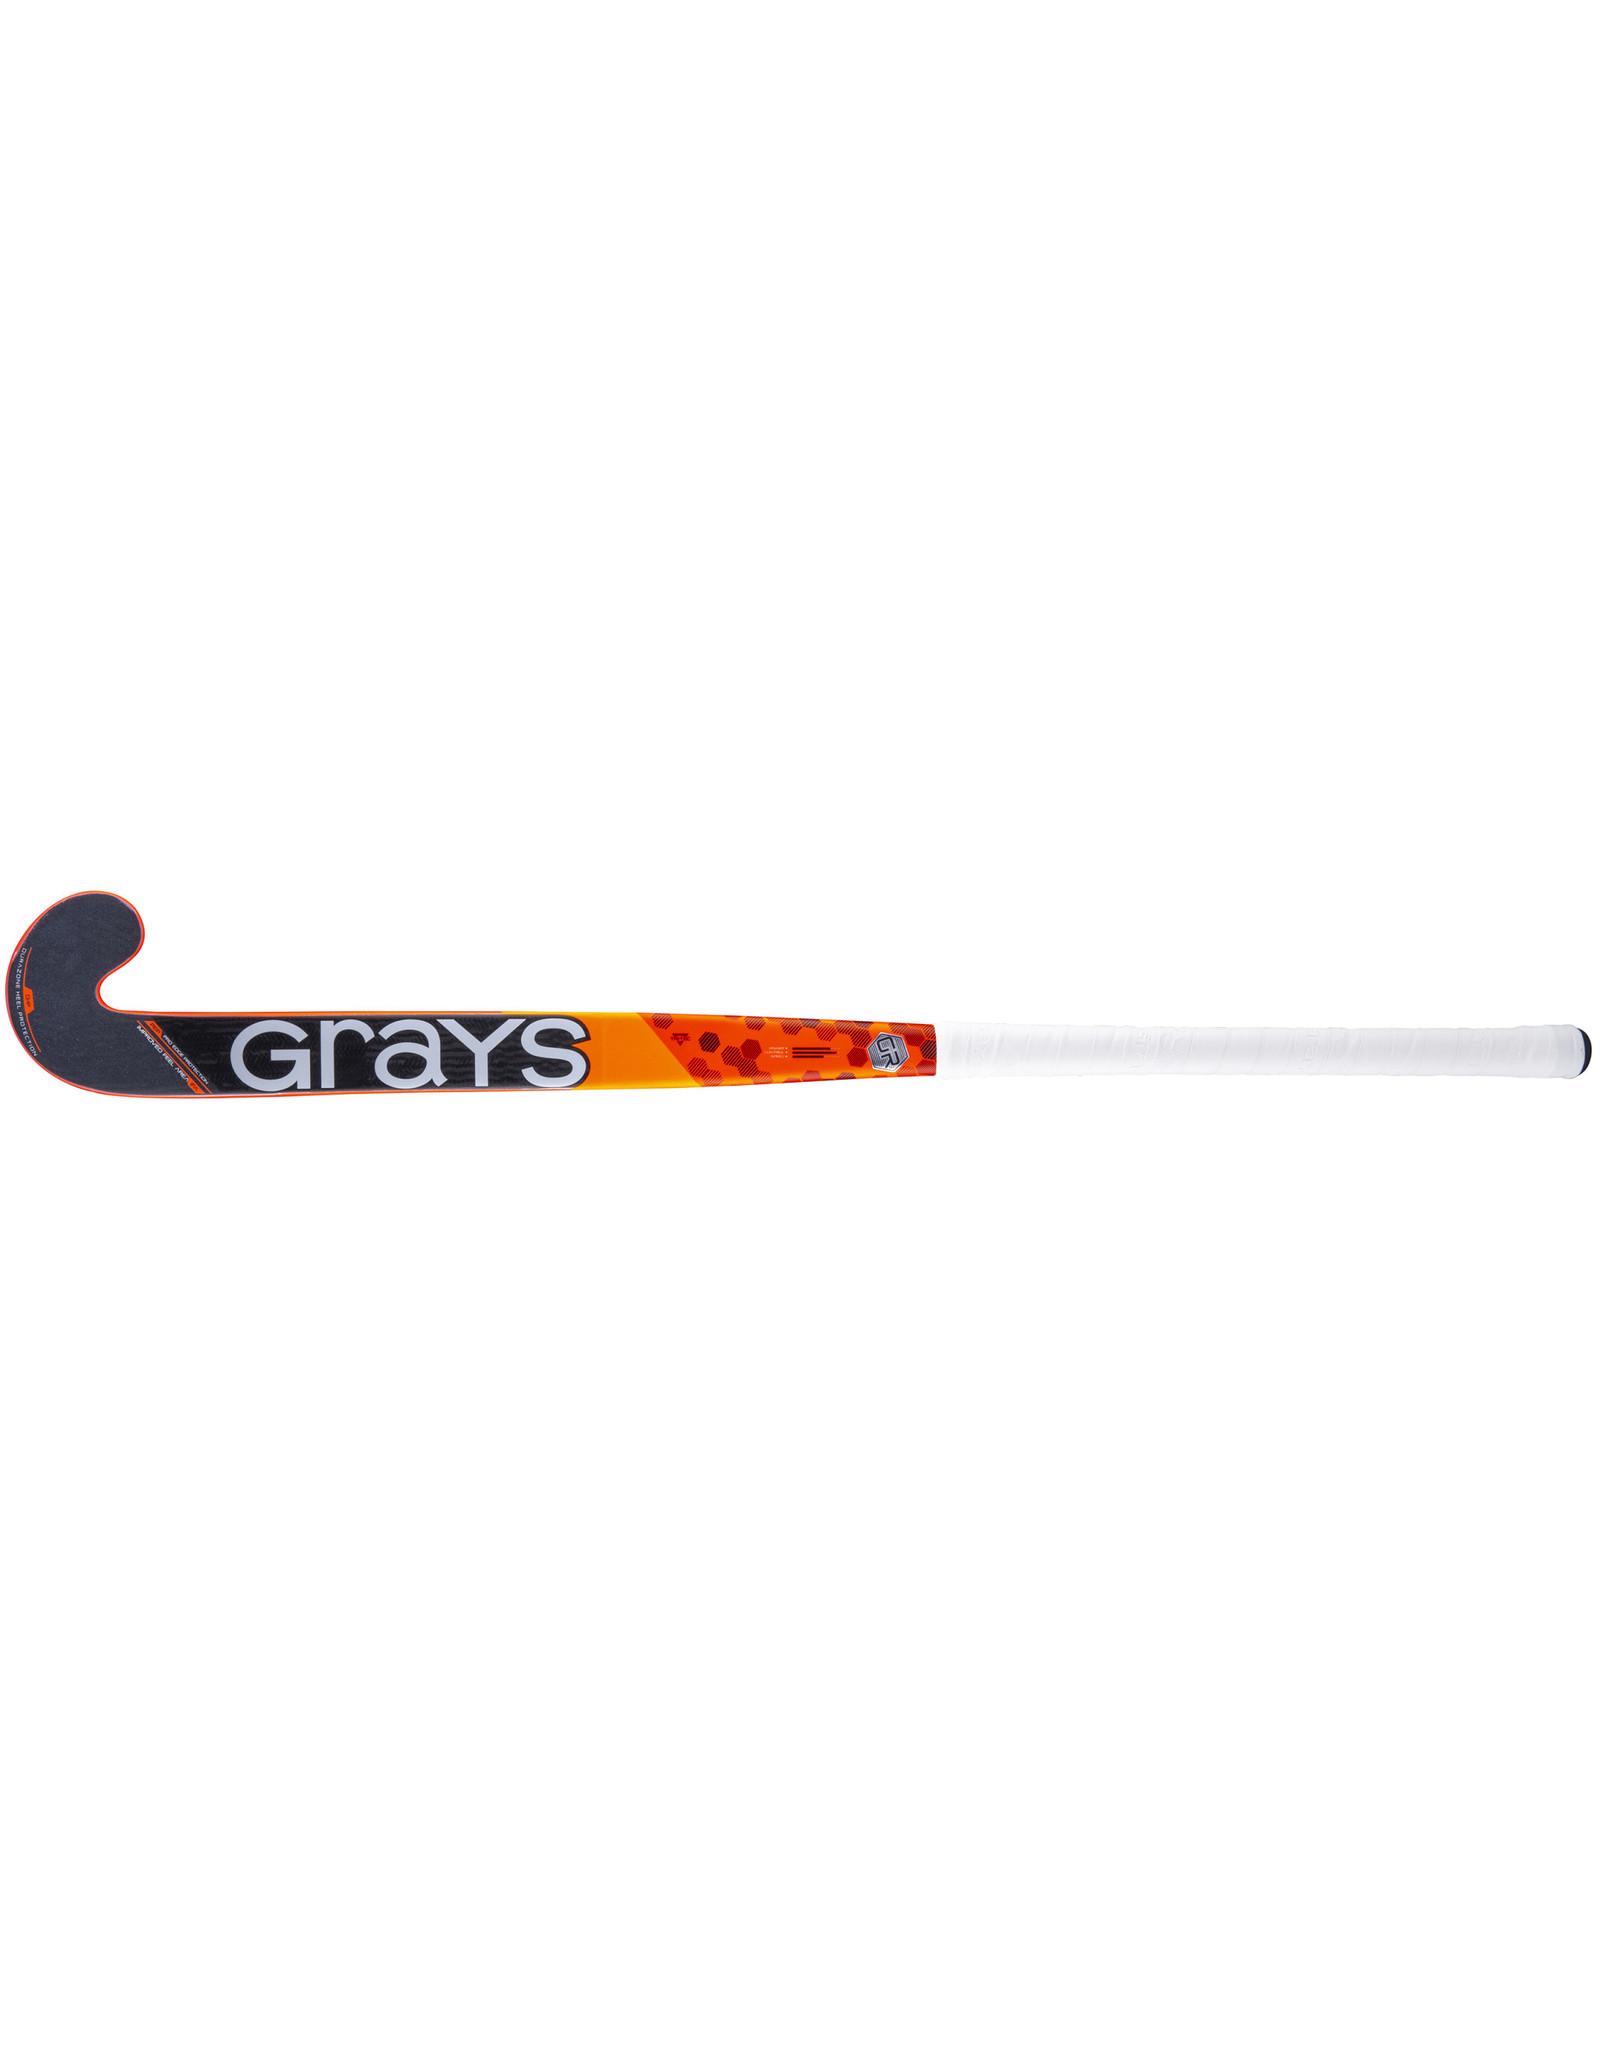 Grays STK GR8000 DB MC